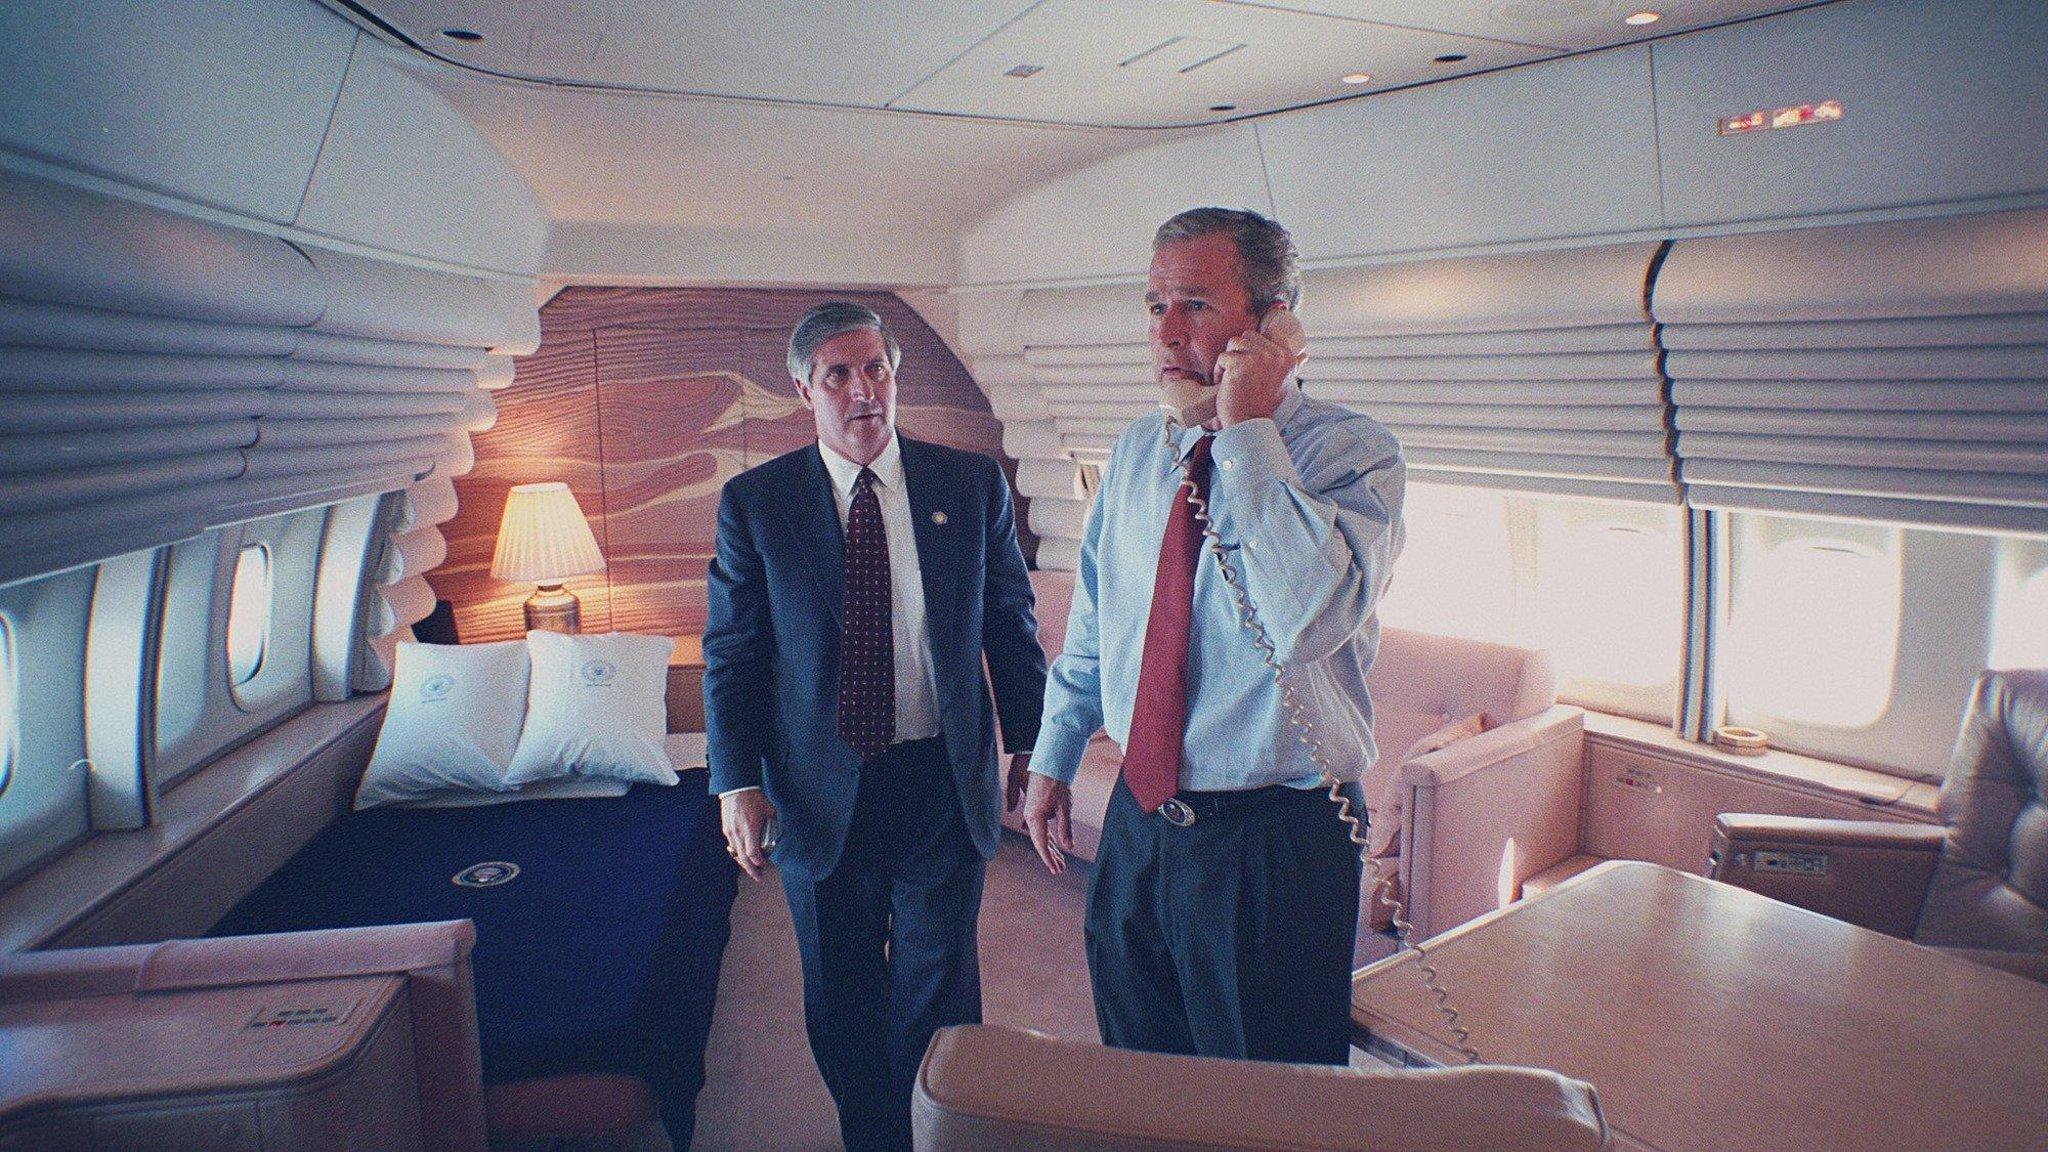 Seeing 9/11: Inside the President's War Room | Belfast News Letter